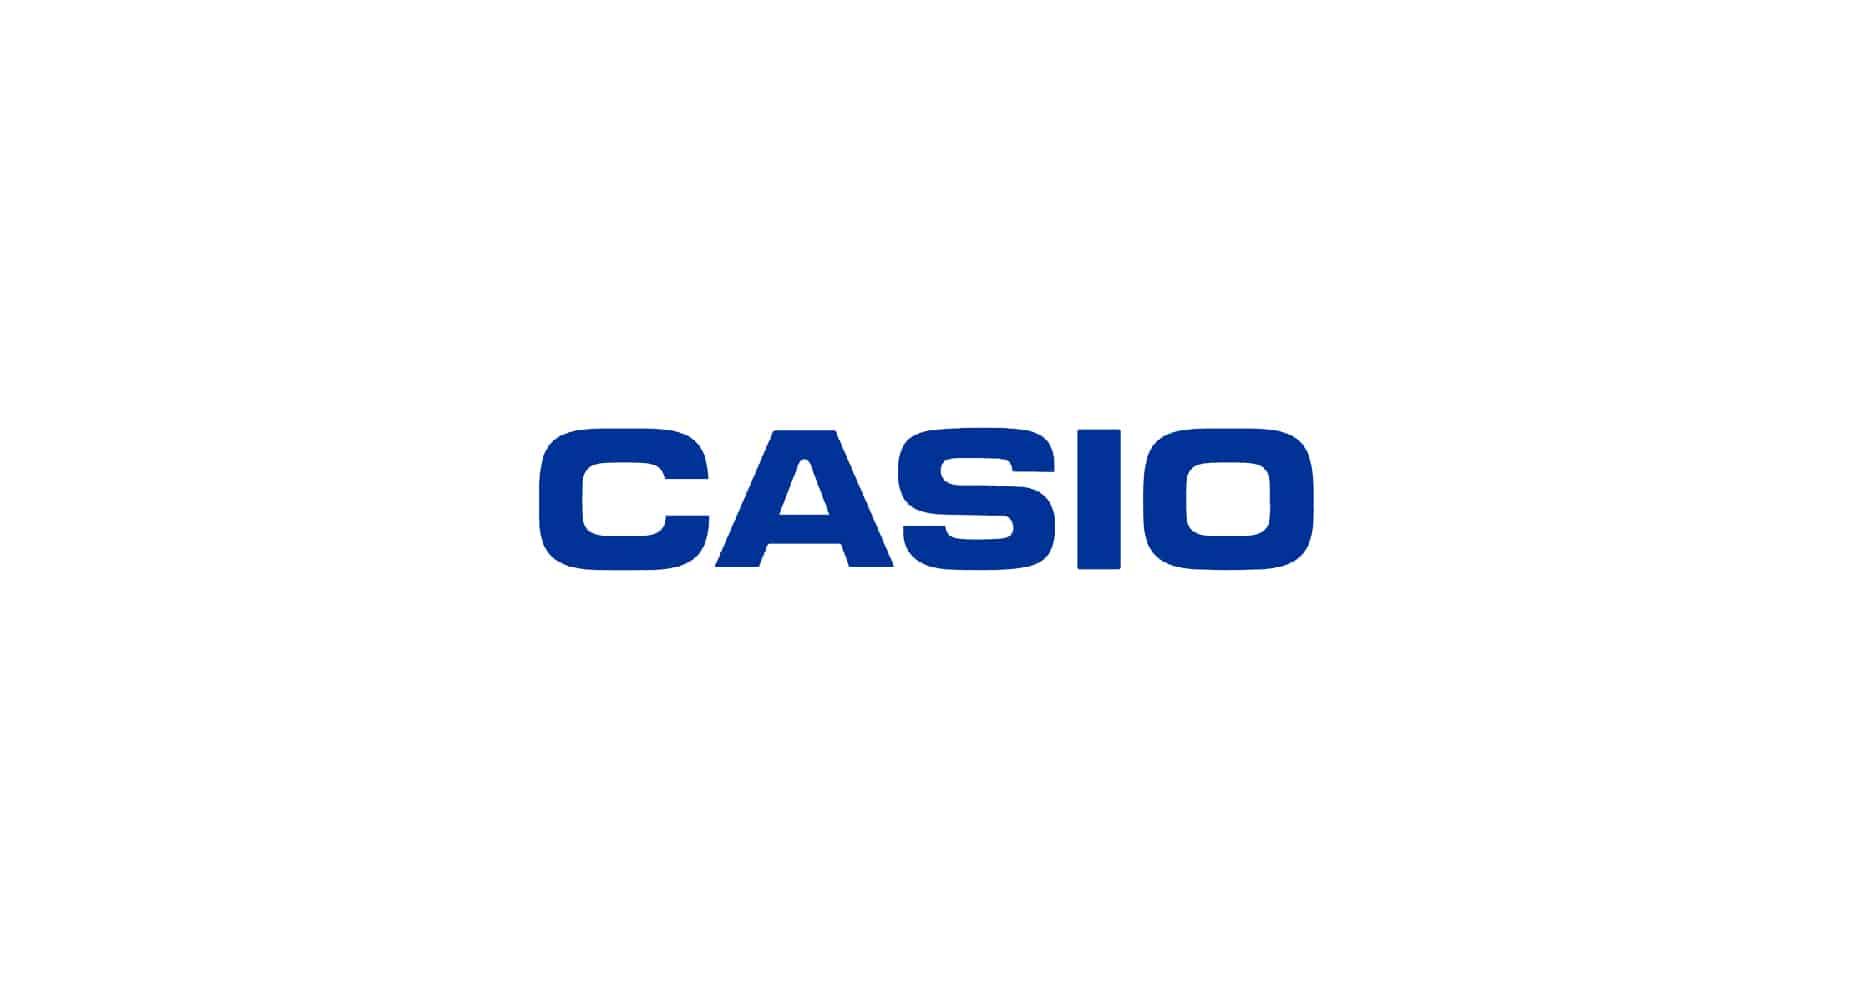 casio logo design